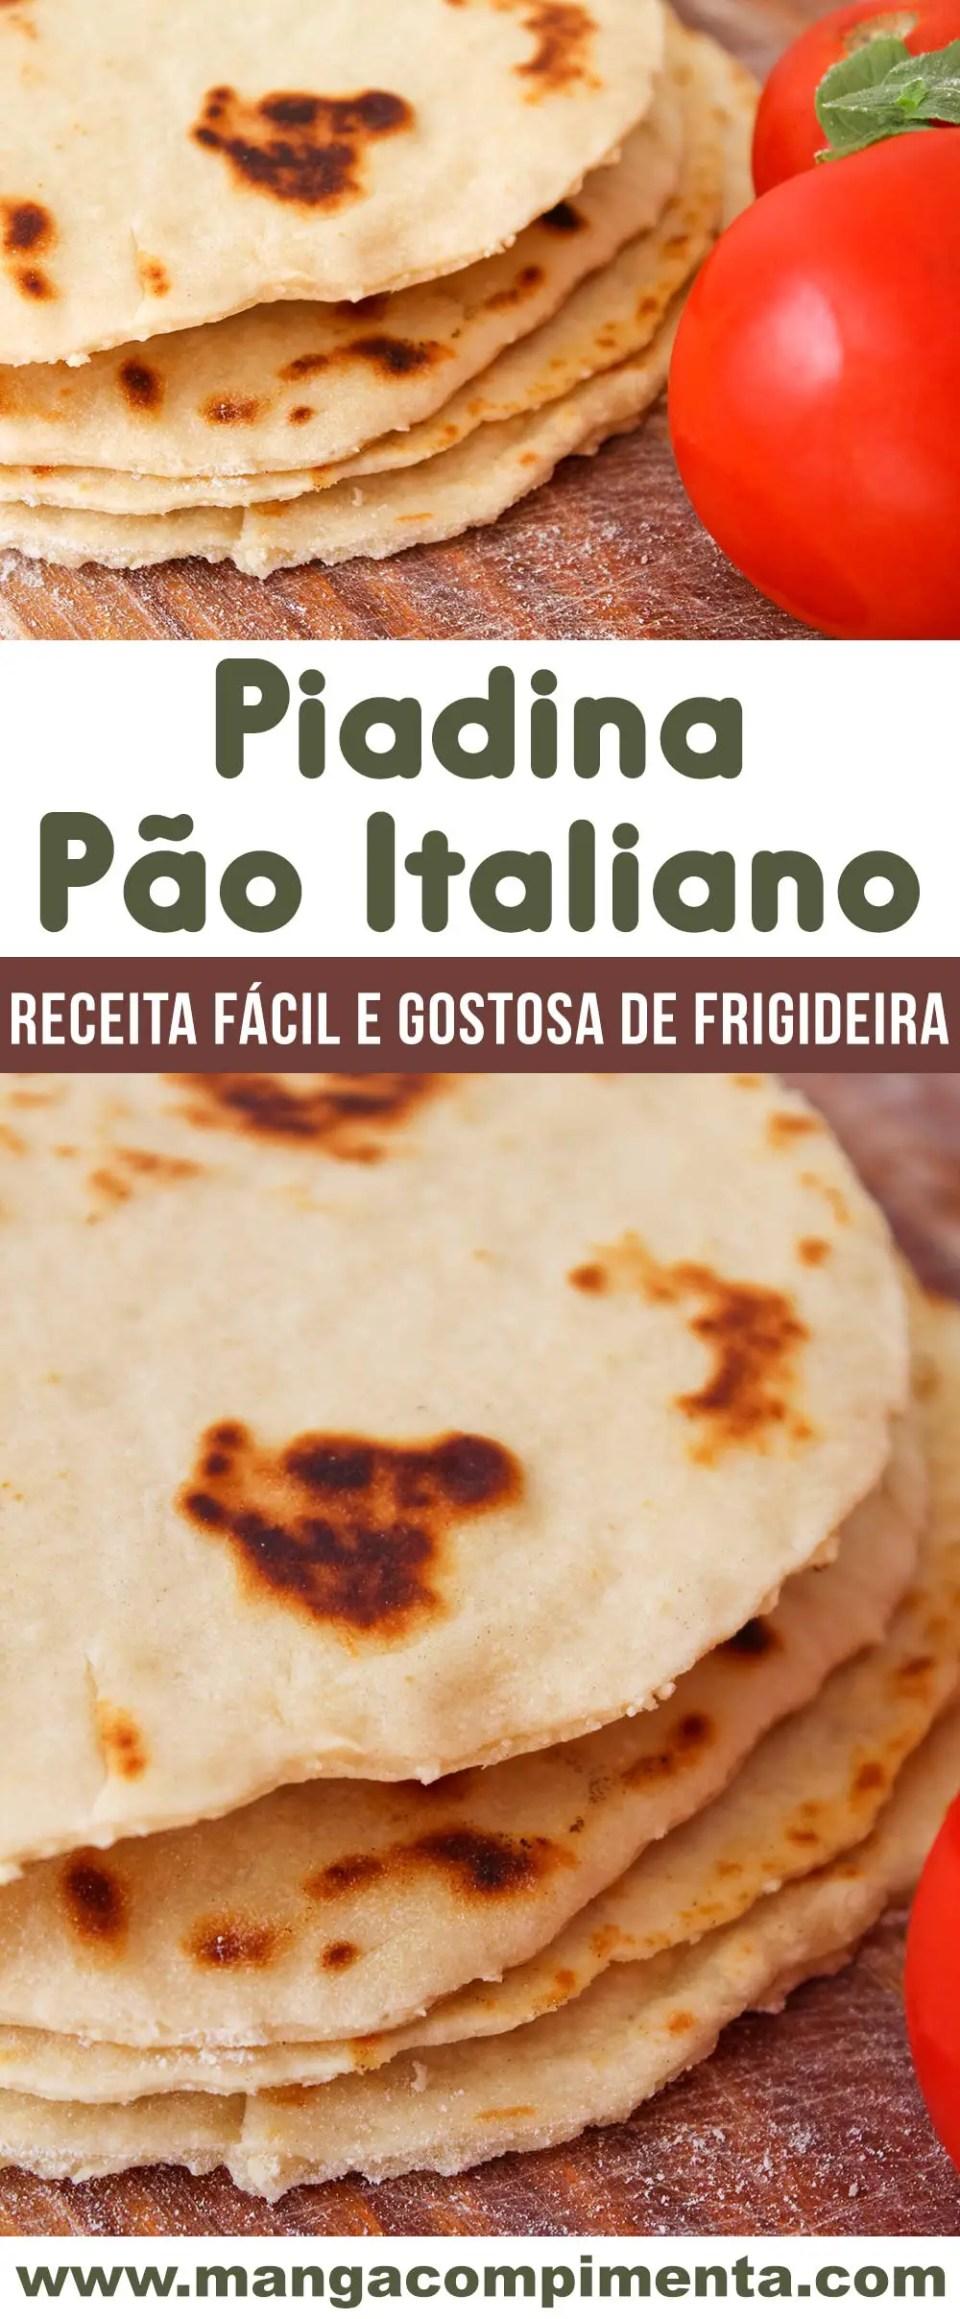 Piadina - Pão Italiano de Frigideira, delicioso para o lanche da tarde!